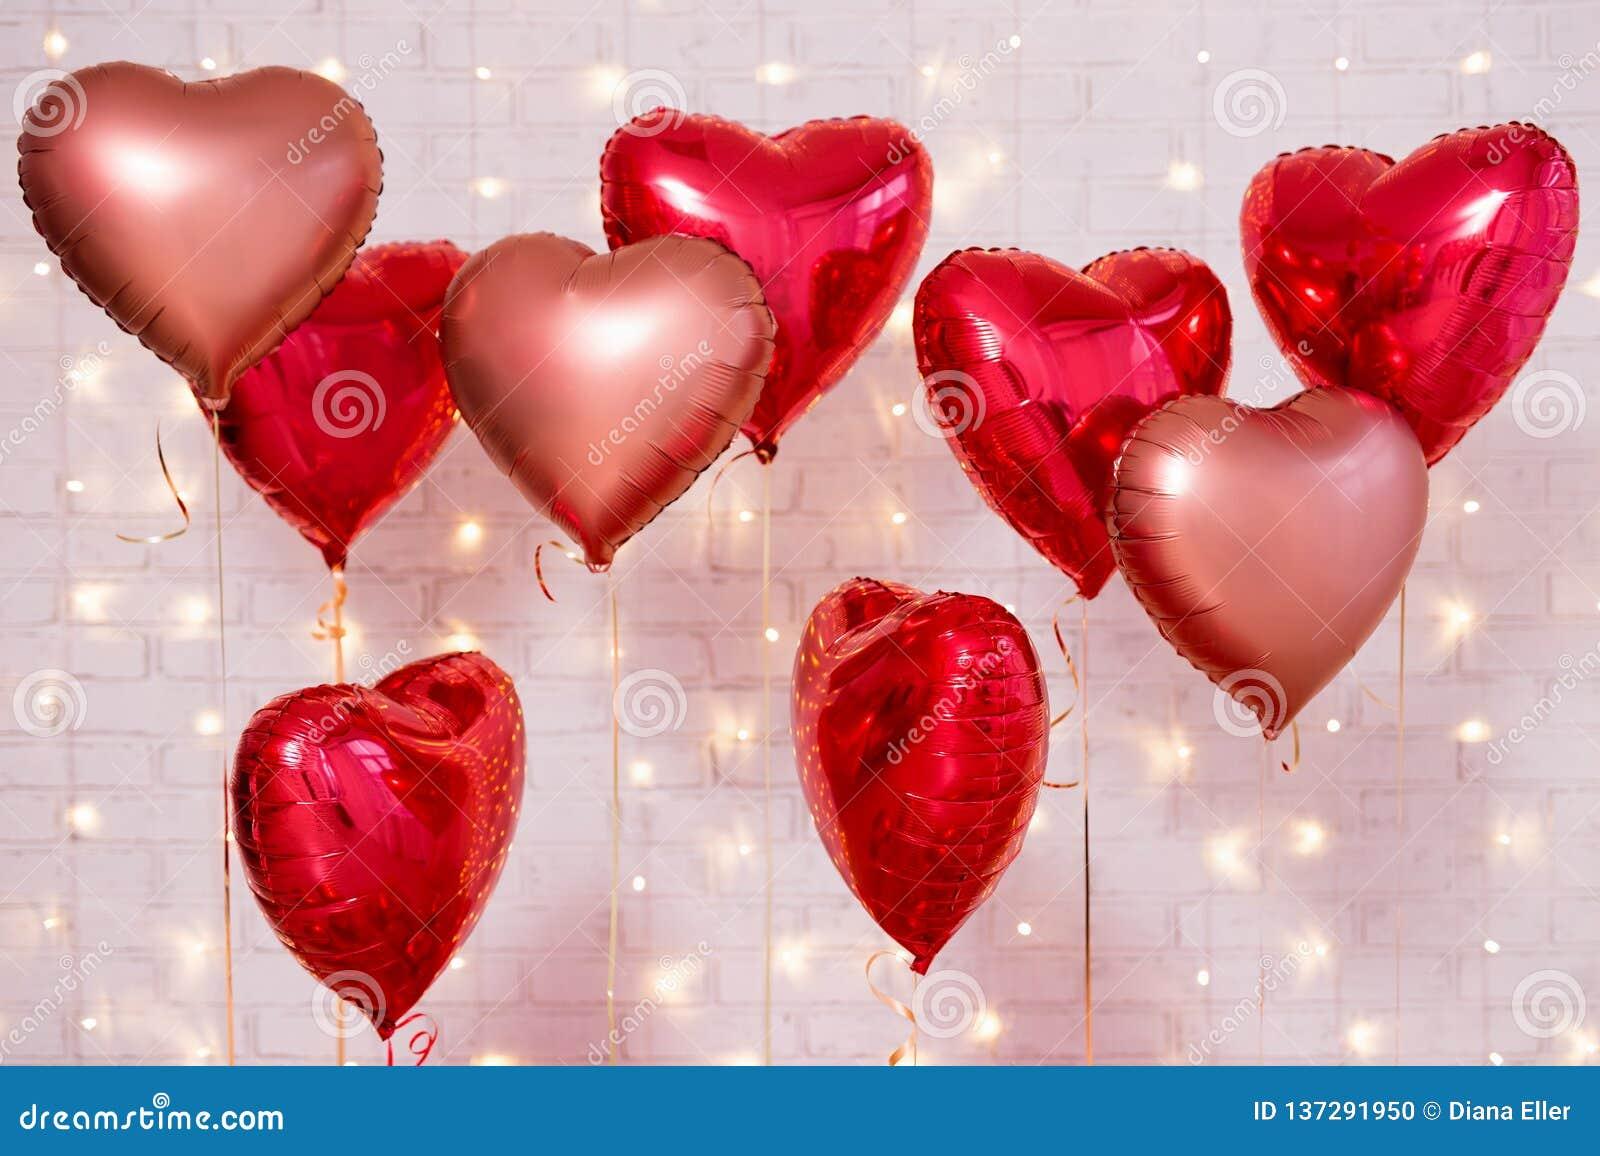 Fondo del día de tarjeta del día de San Valentín - grupo de globos en forma de corazón rojos sobre la pared de ladrillo